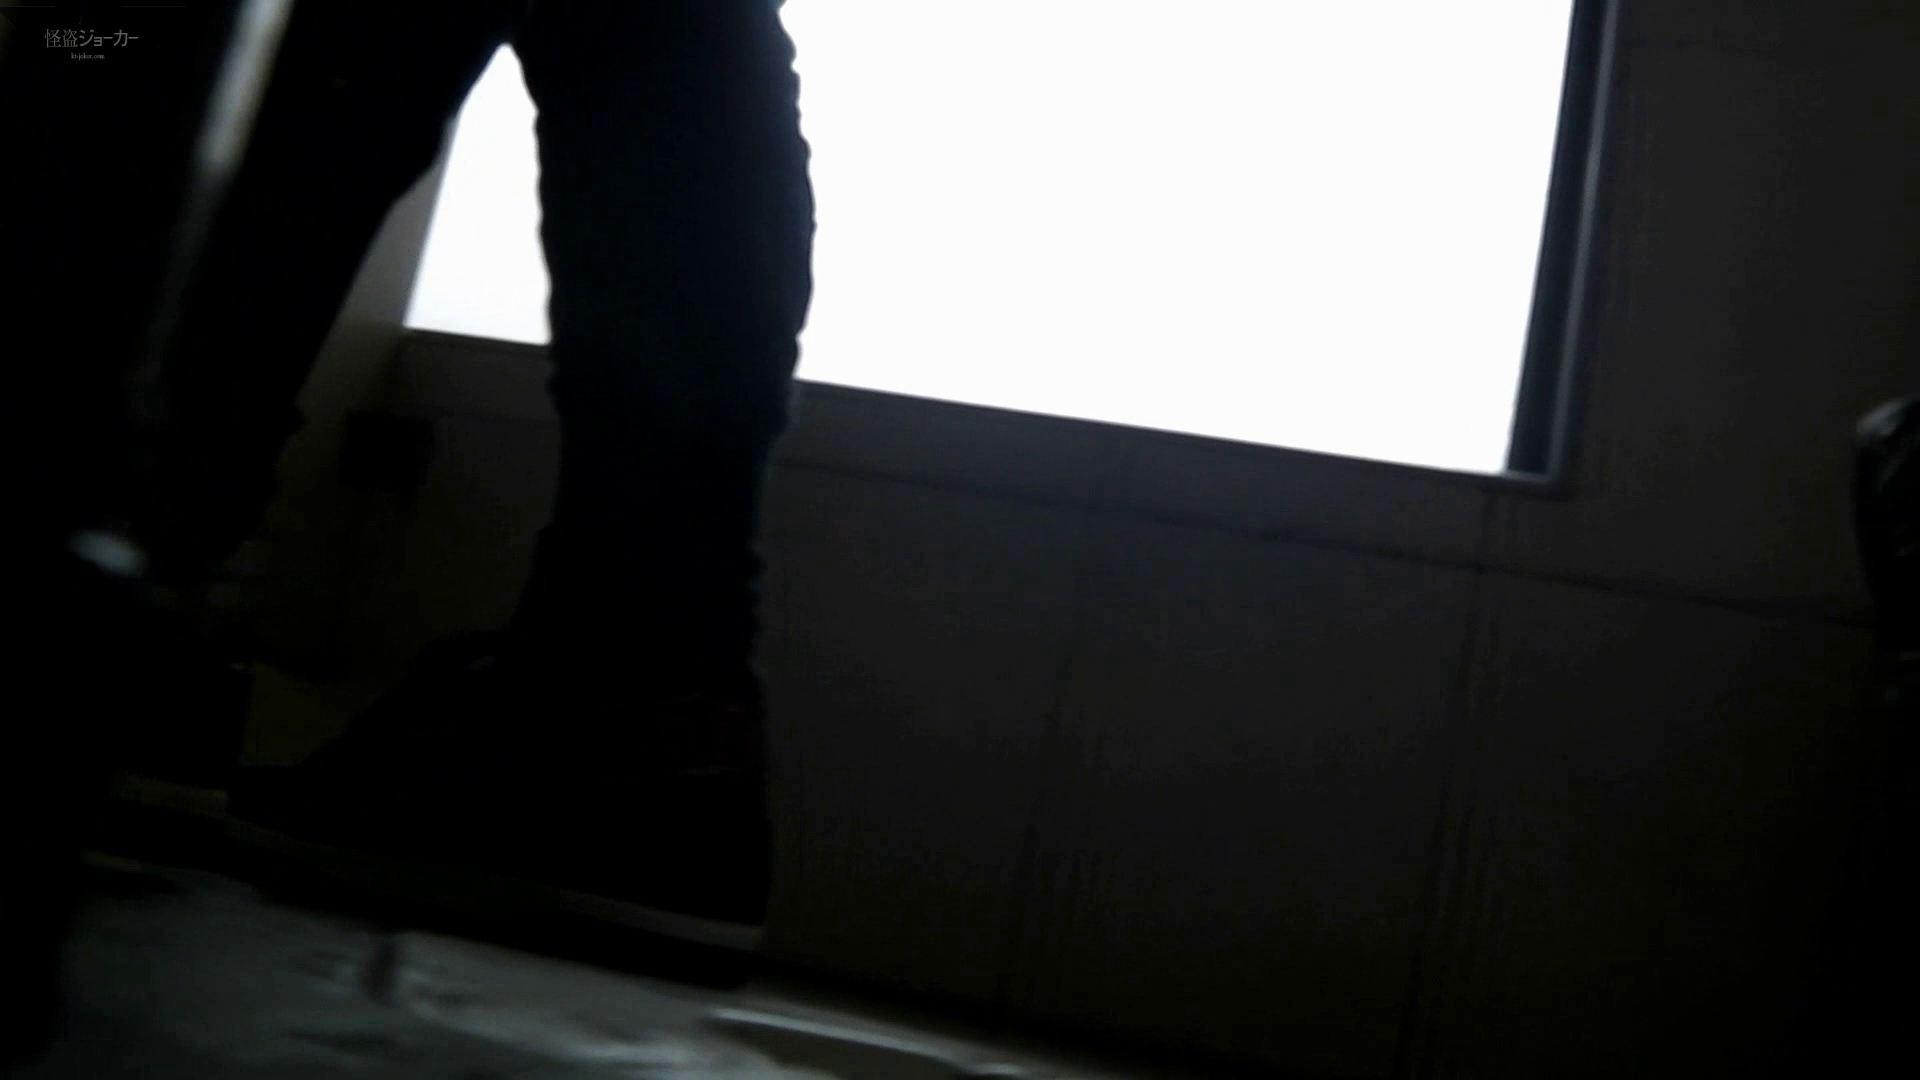 ステーション編 vol.25 必見桜庭みなみ?似 登場! 丸見え ワレメ無修正動画無料 110画像 62